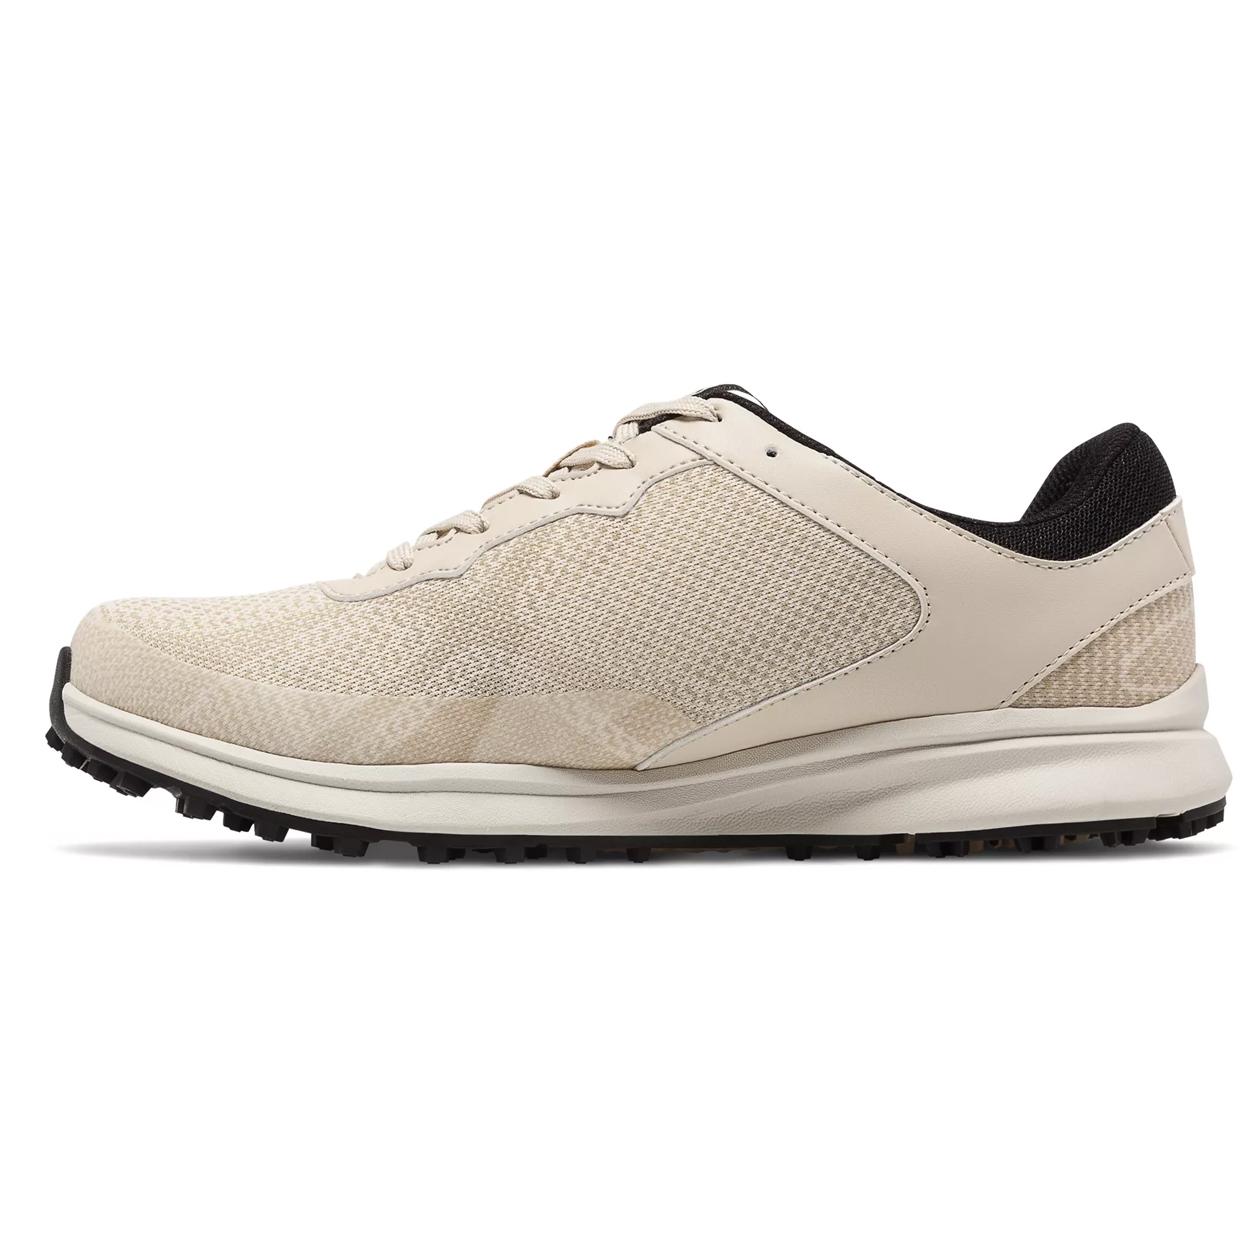 New-Balance-Breeze-NBG1801SL-Men-039-s-Spikeless-Mesh-Golf-Shoe-New thumbnail 9